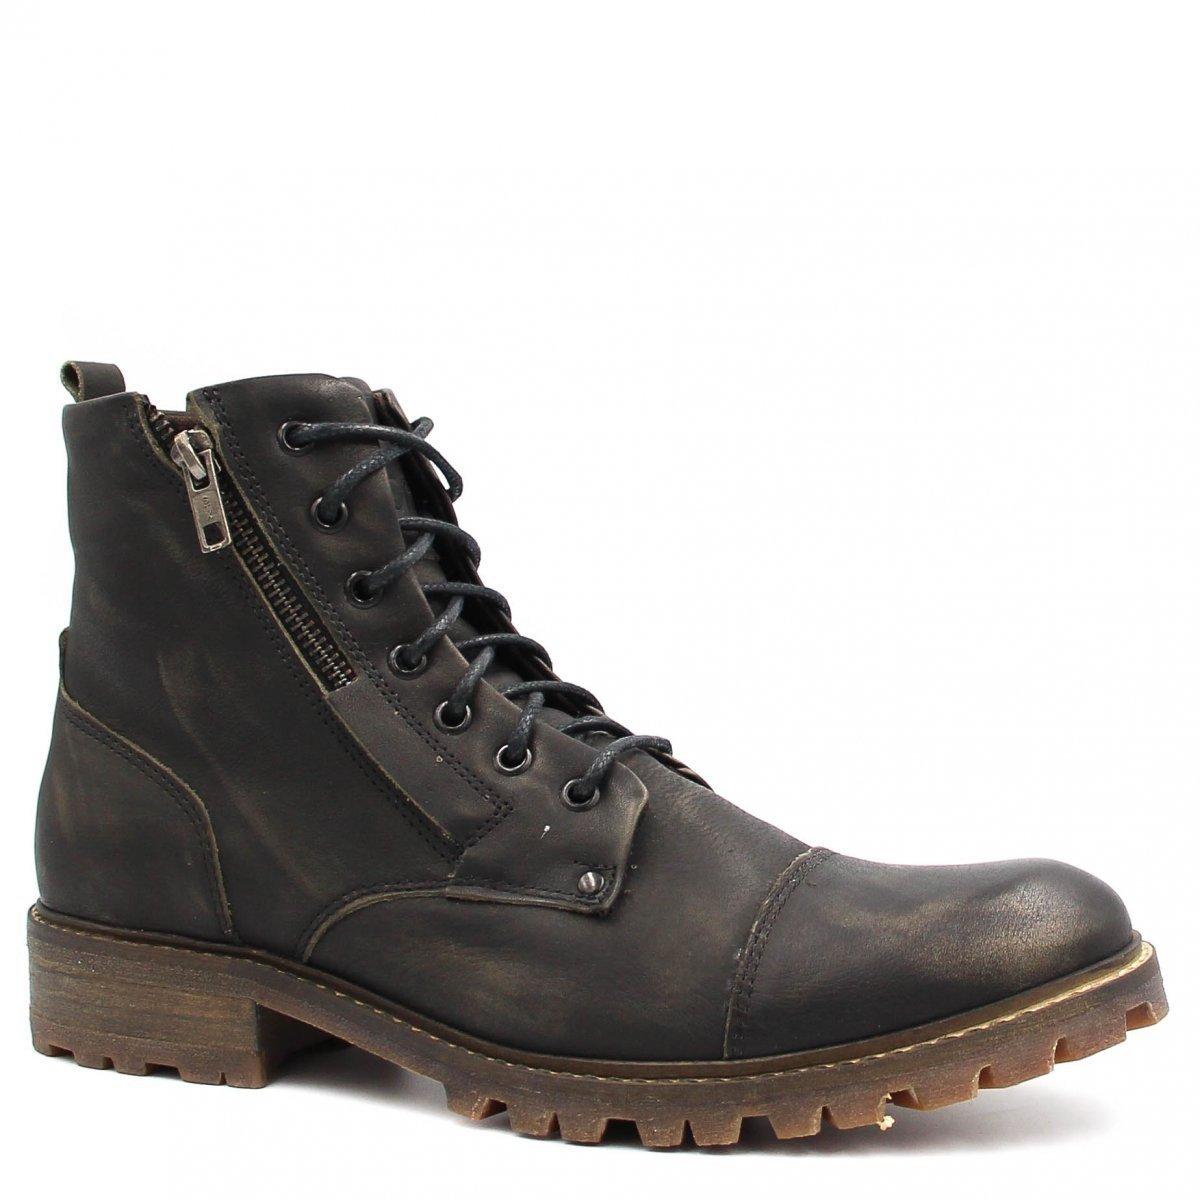 Coturno Coturno Bota Savana Preto Bota Shoes Preto Shoes Savana Coturno Zariff Bota Masculina Zariff Zariff Masculina vWTpnRHq